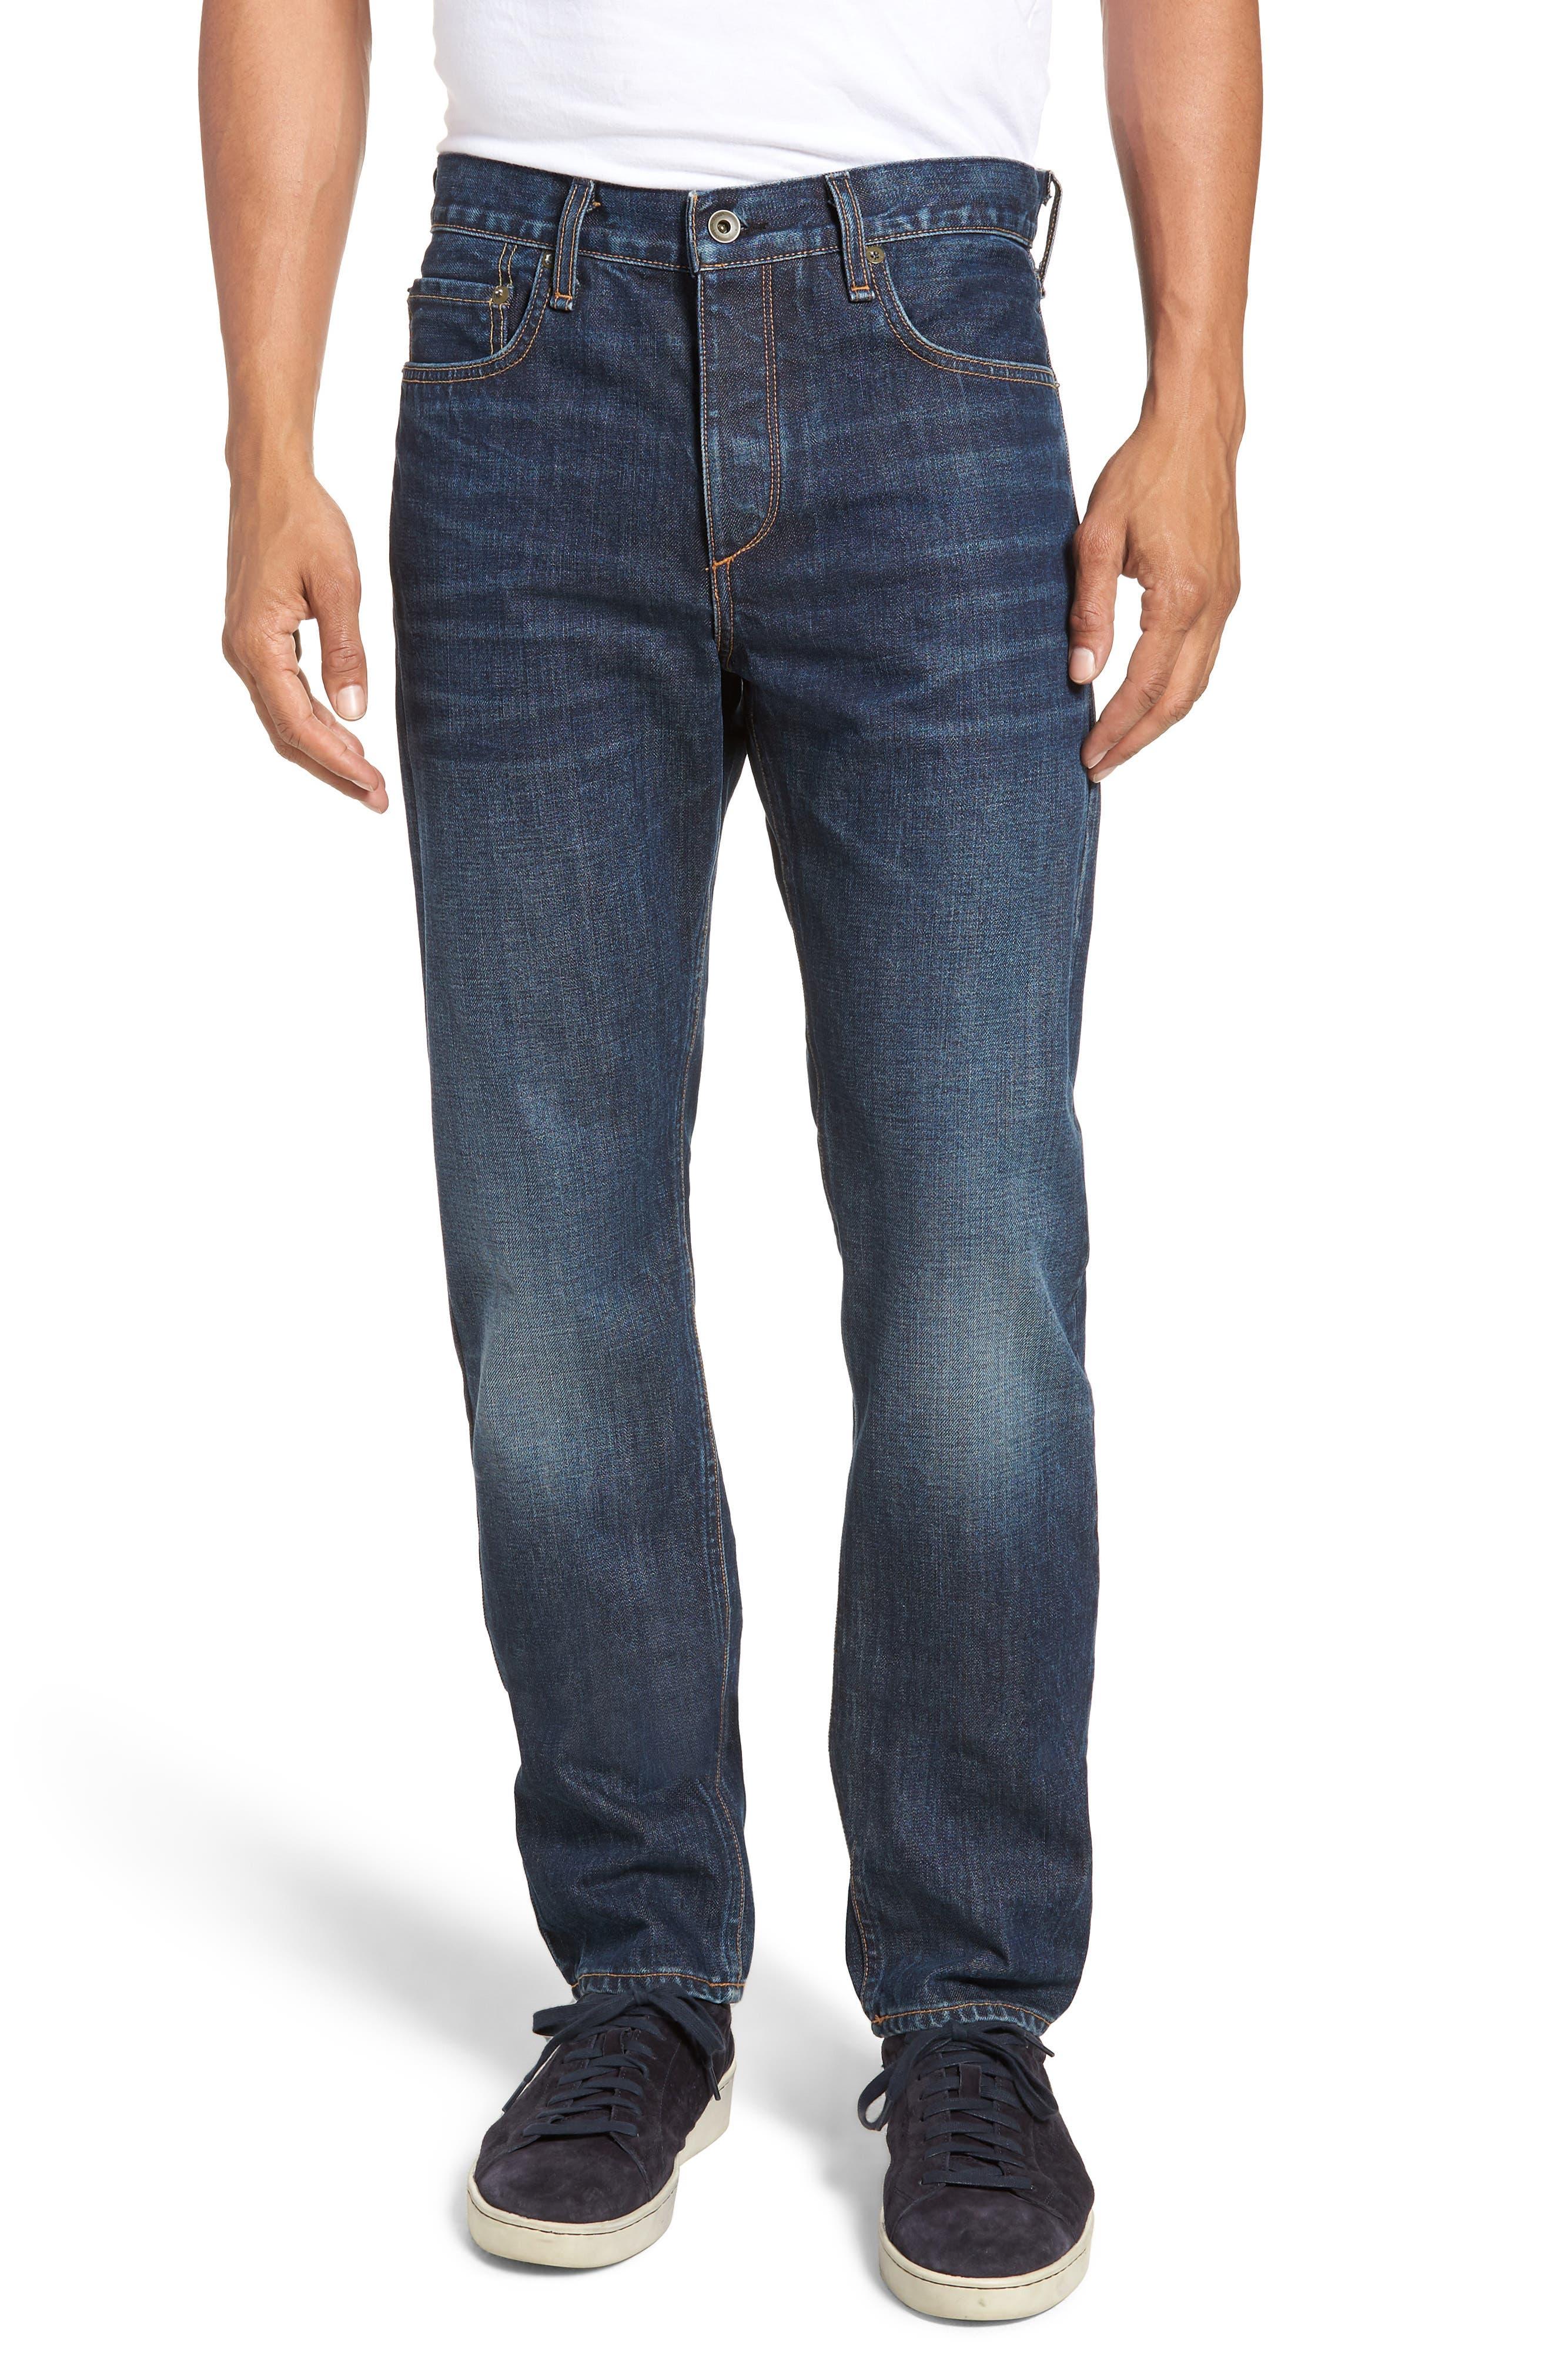 Fit 2 Slim Fit Jeans,                             Main thumbnail 1, color,                             GLASTONBURY